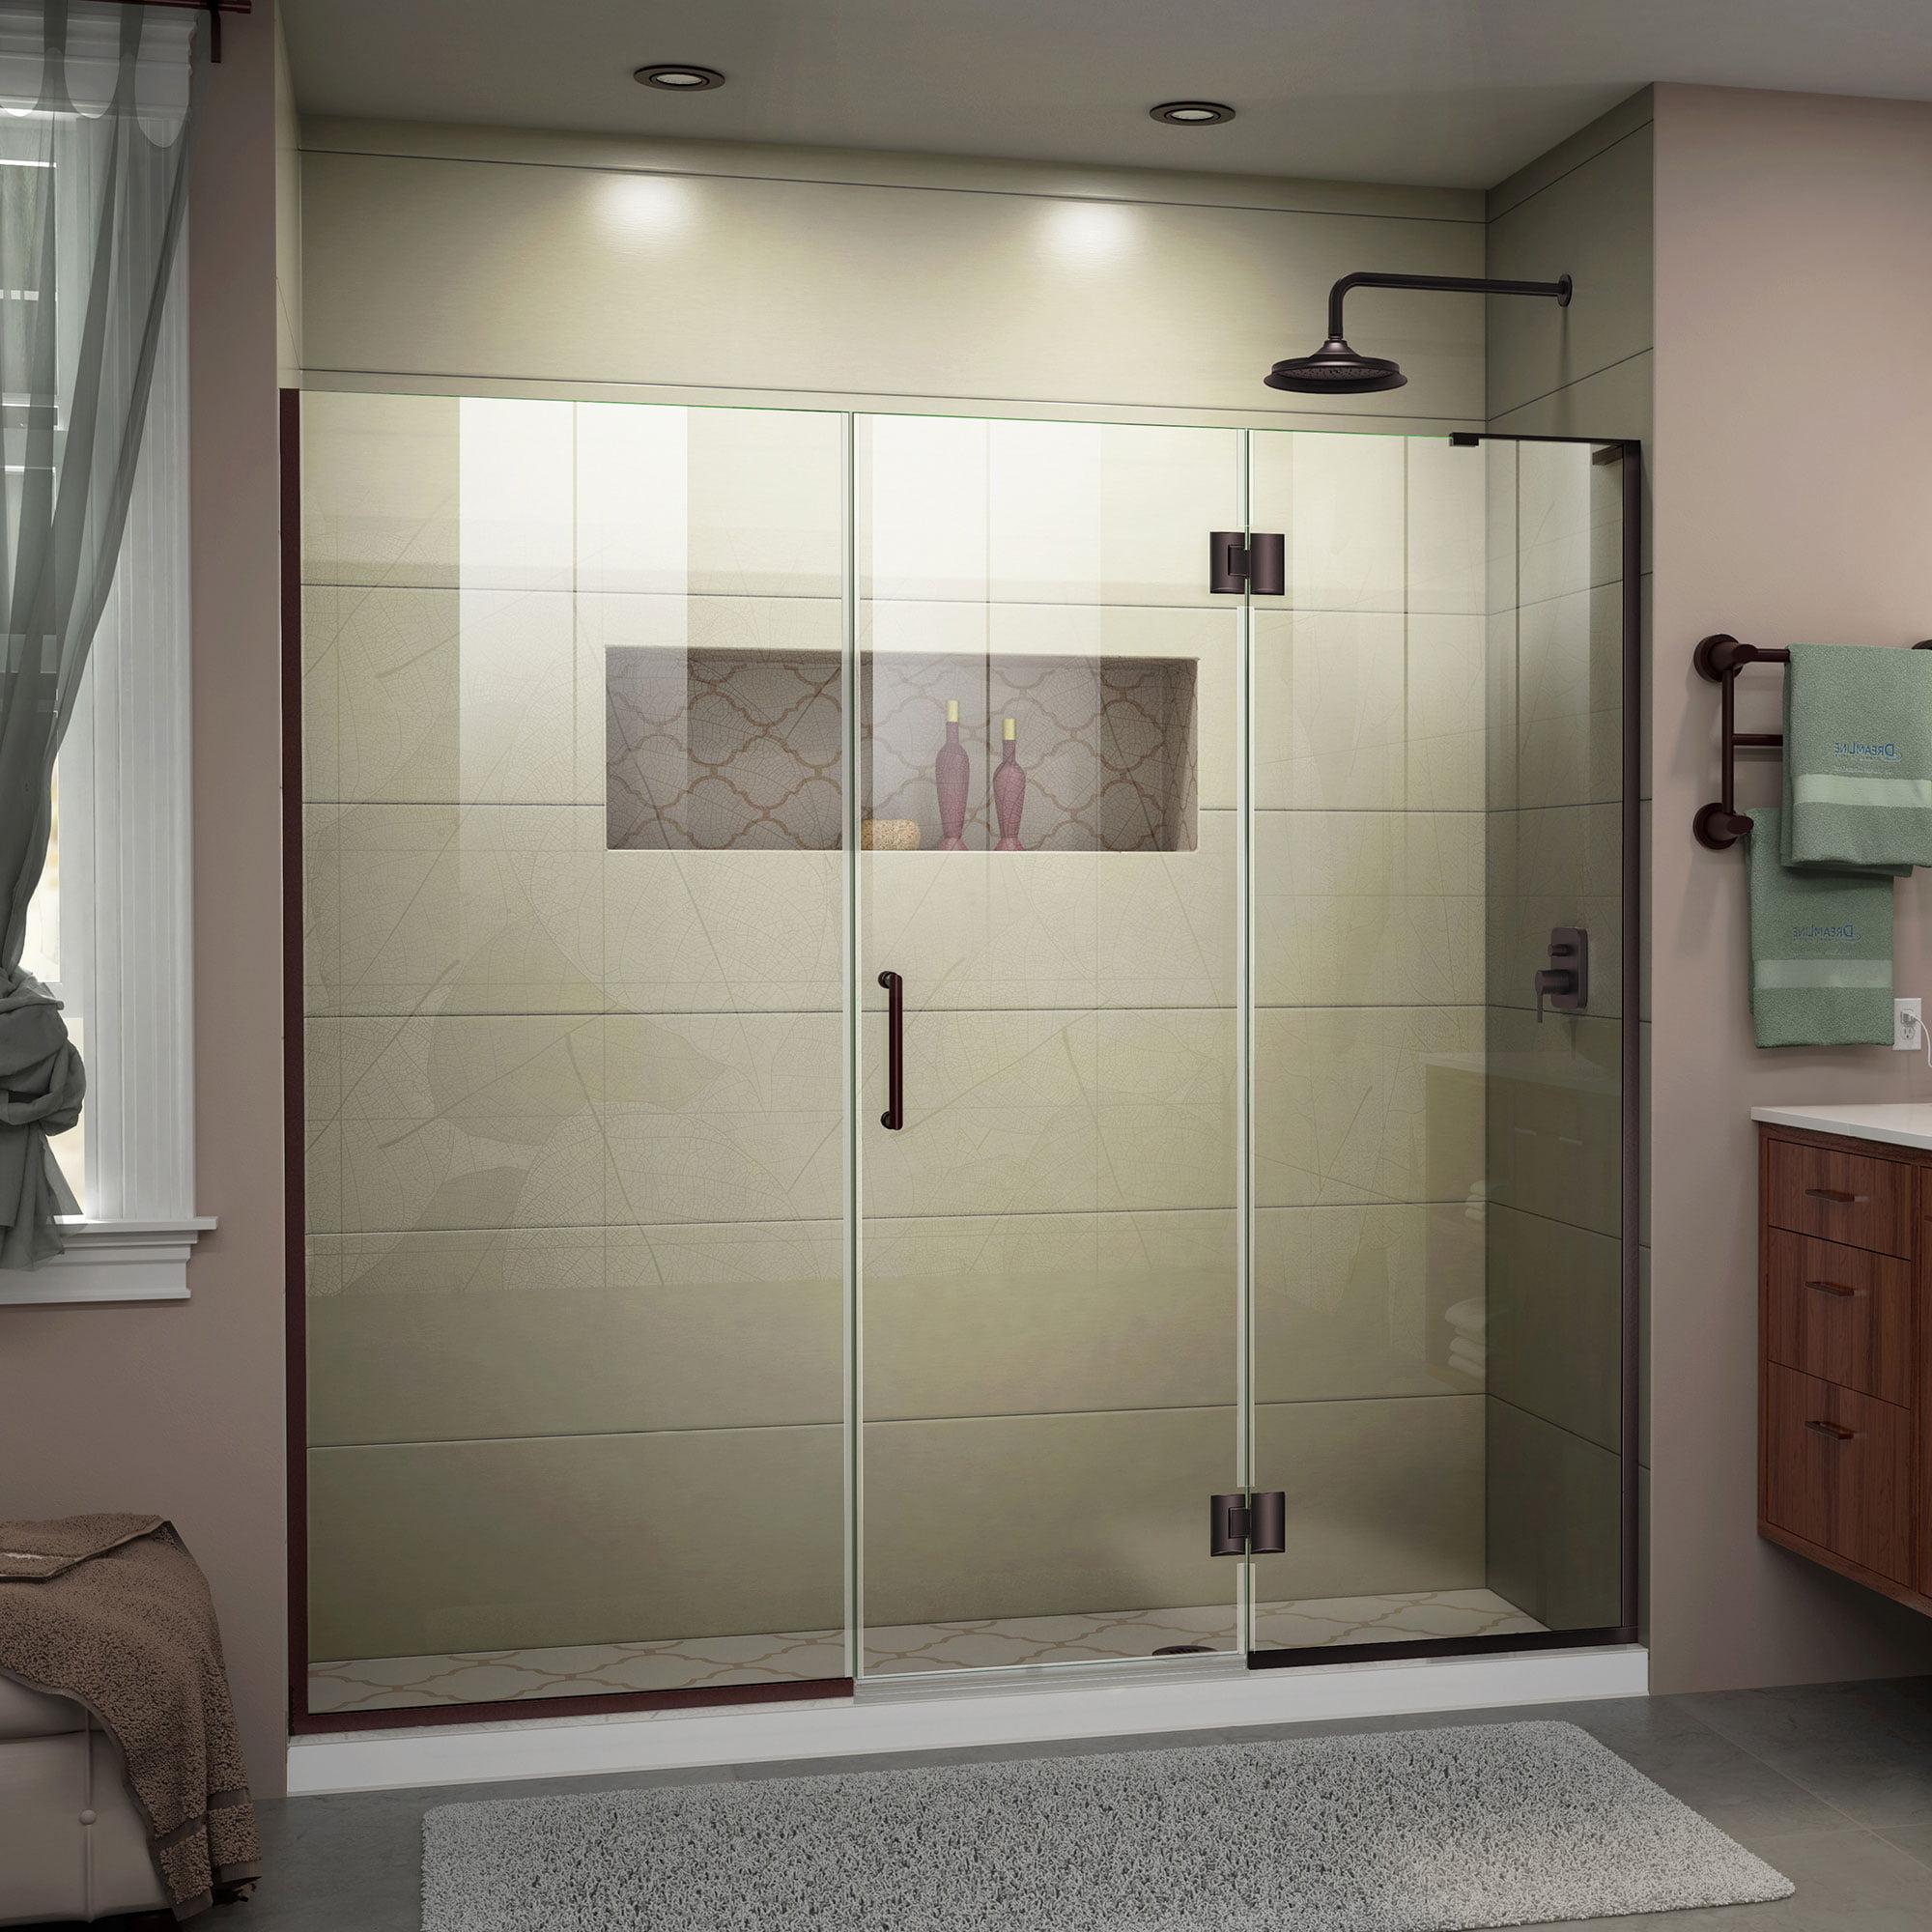 Dreamline Unidoor X 72 72 1 2 In W X 72 In H Frameless Hinged Shower Door In Chrome